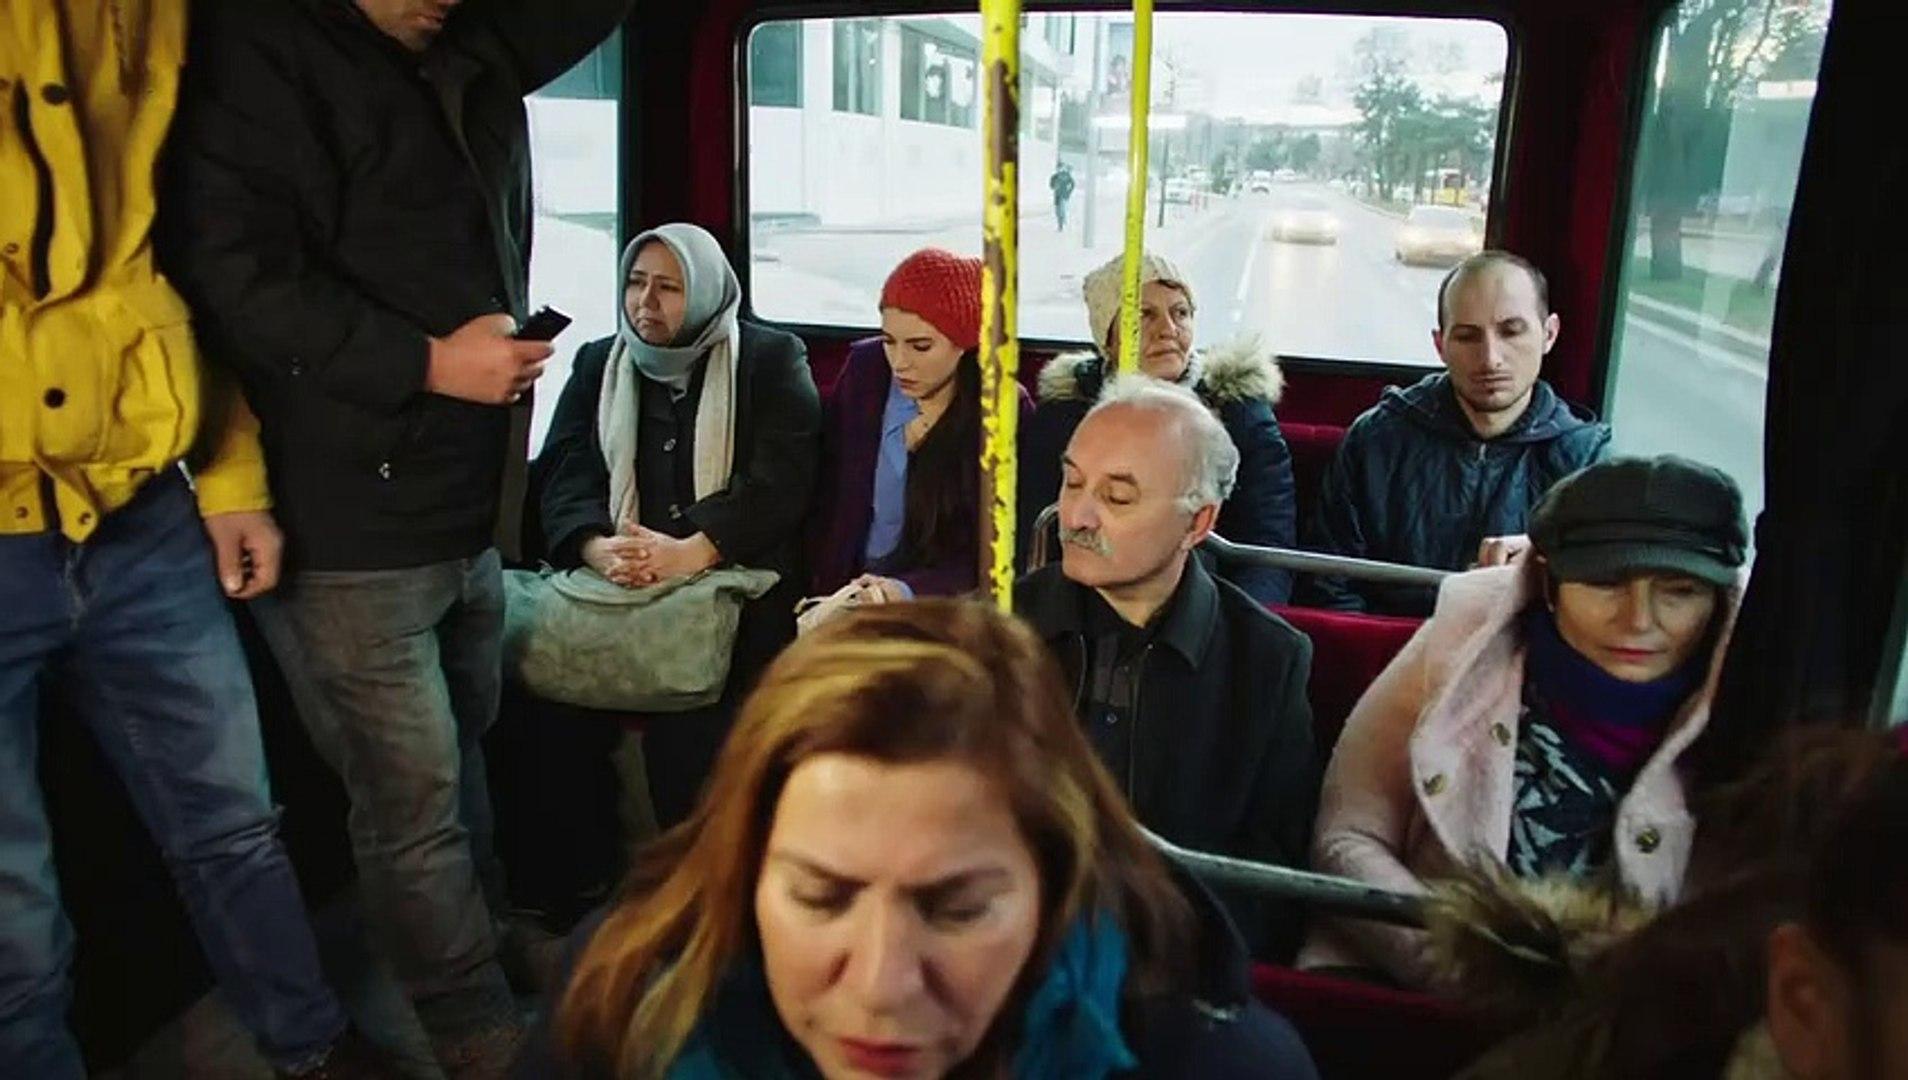 مسلسل زهرة الثالوث مترجم للعربية - الحلقة 22 - الجزء 3